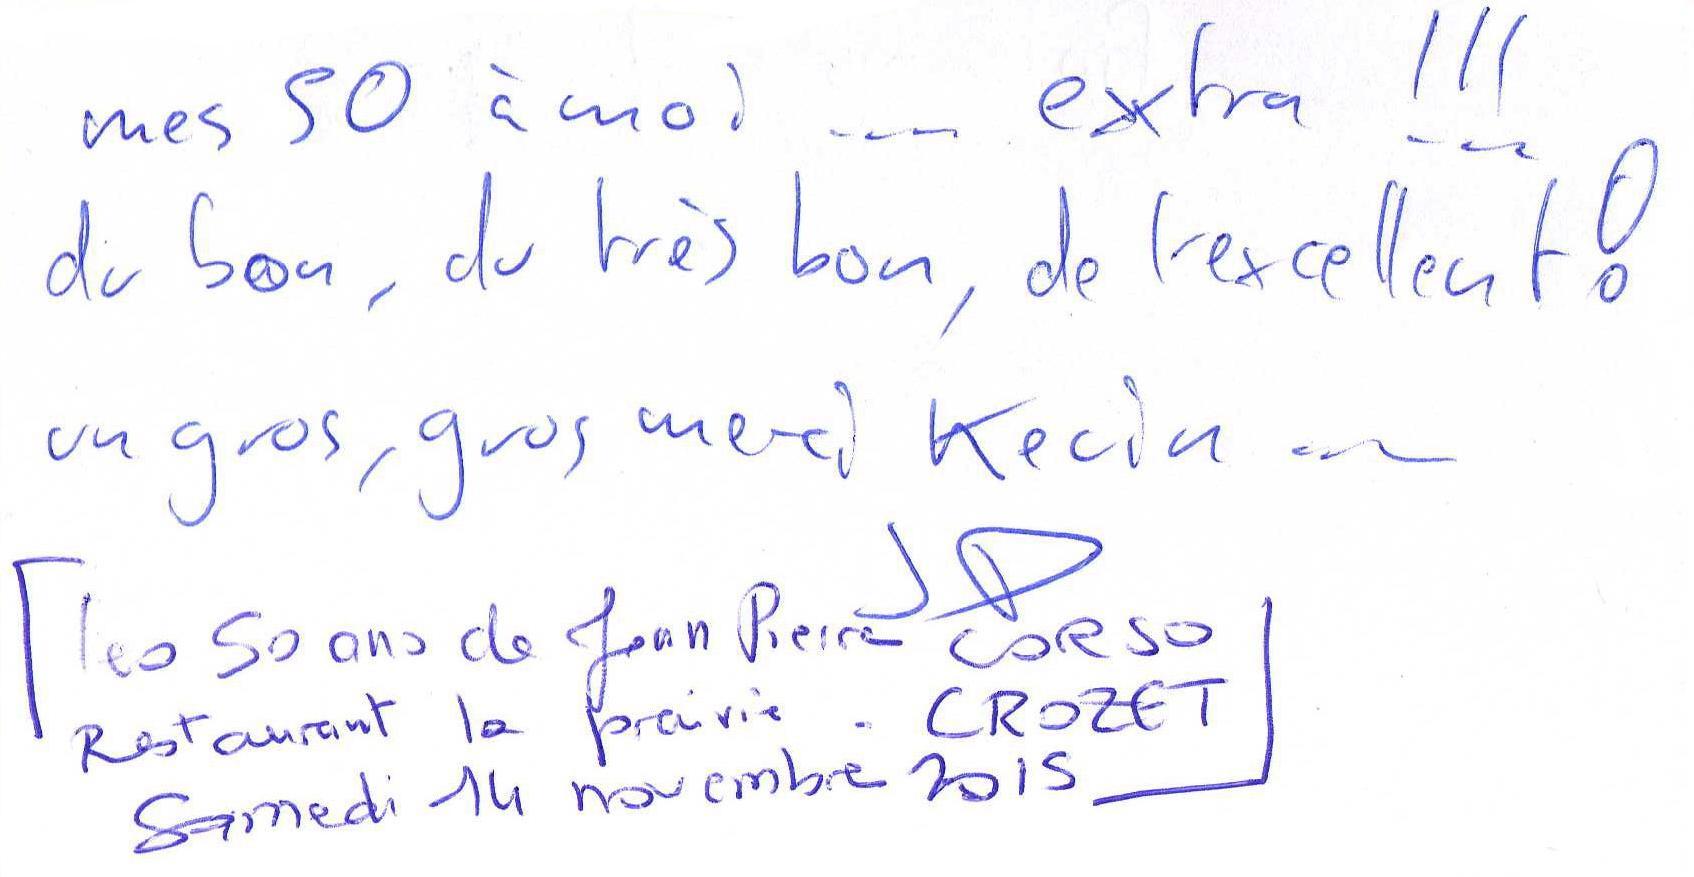 Les 50 ans de Jean Pierre CORSO au Restaurant LA PRAIRIE de CROZET Samedi 14 Novembre 2015